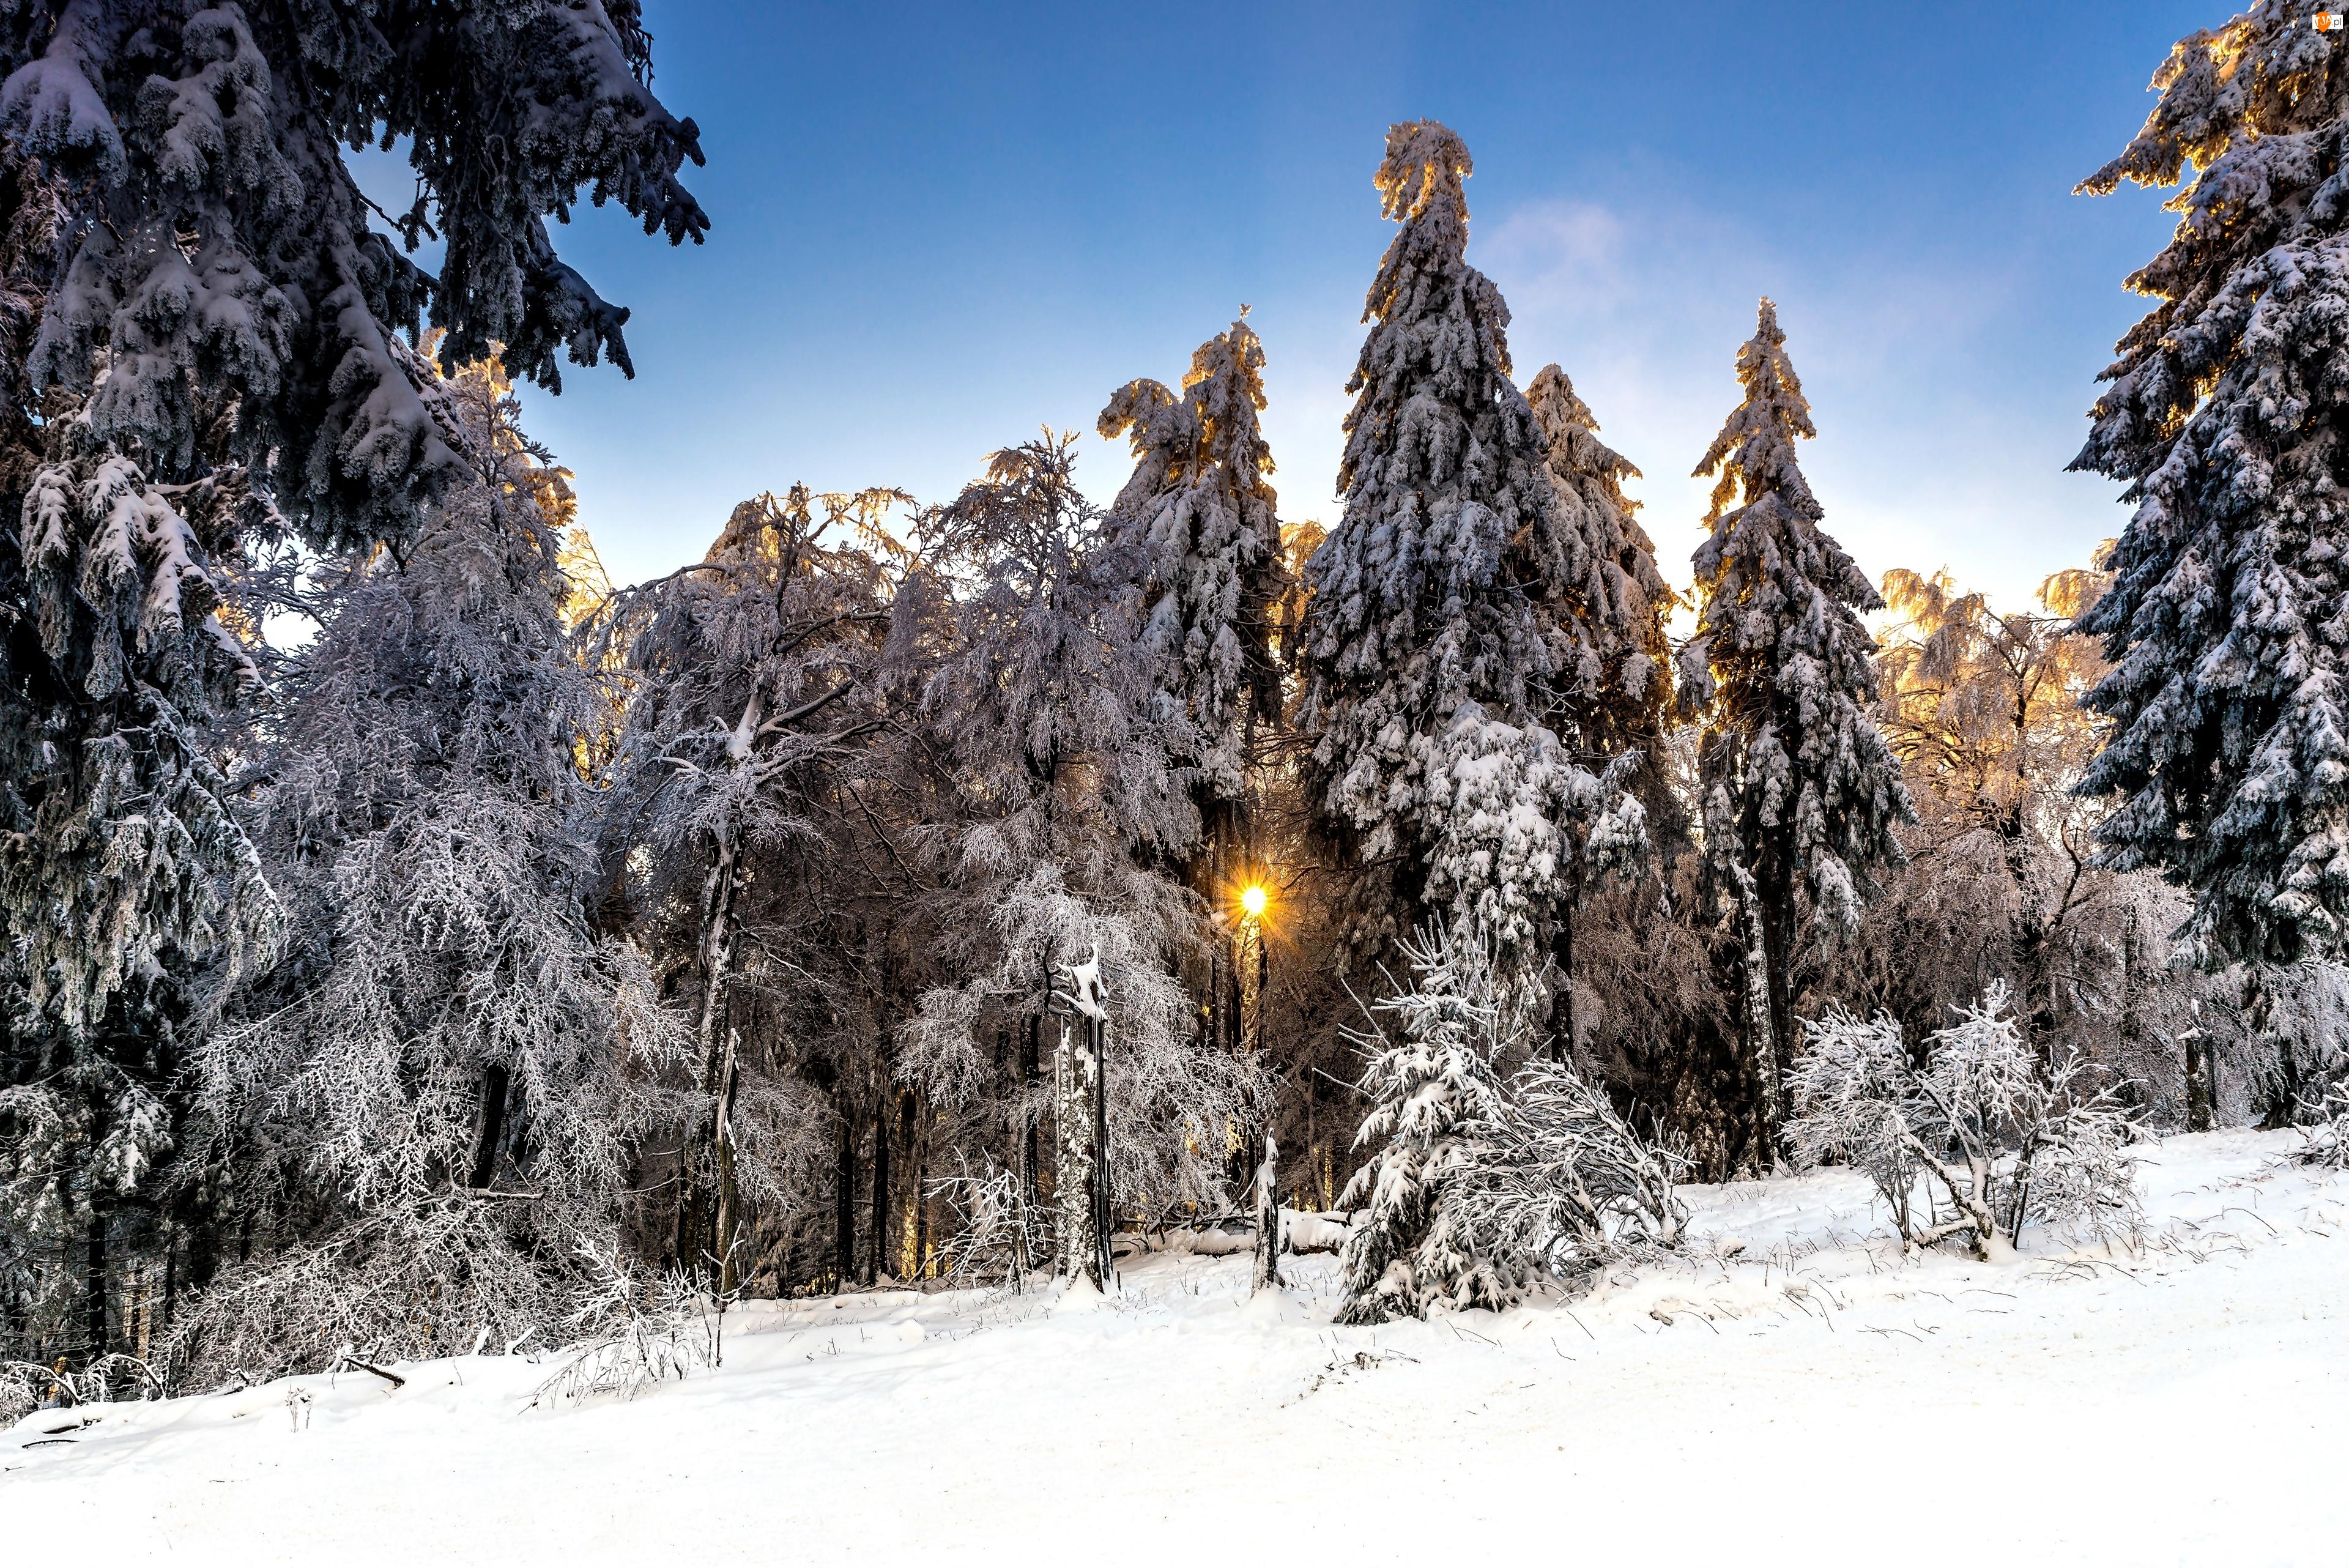 Słońce, Drzewa, Las, Zima, Ośnieżone